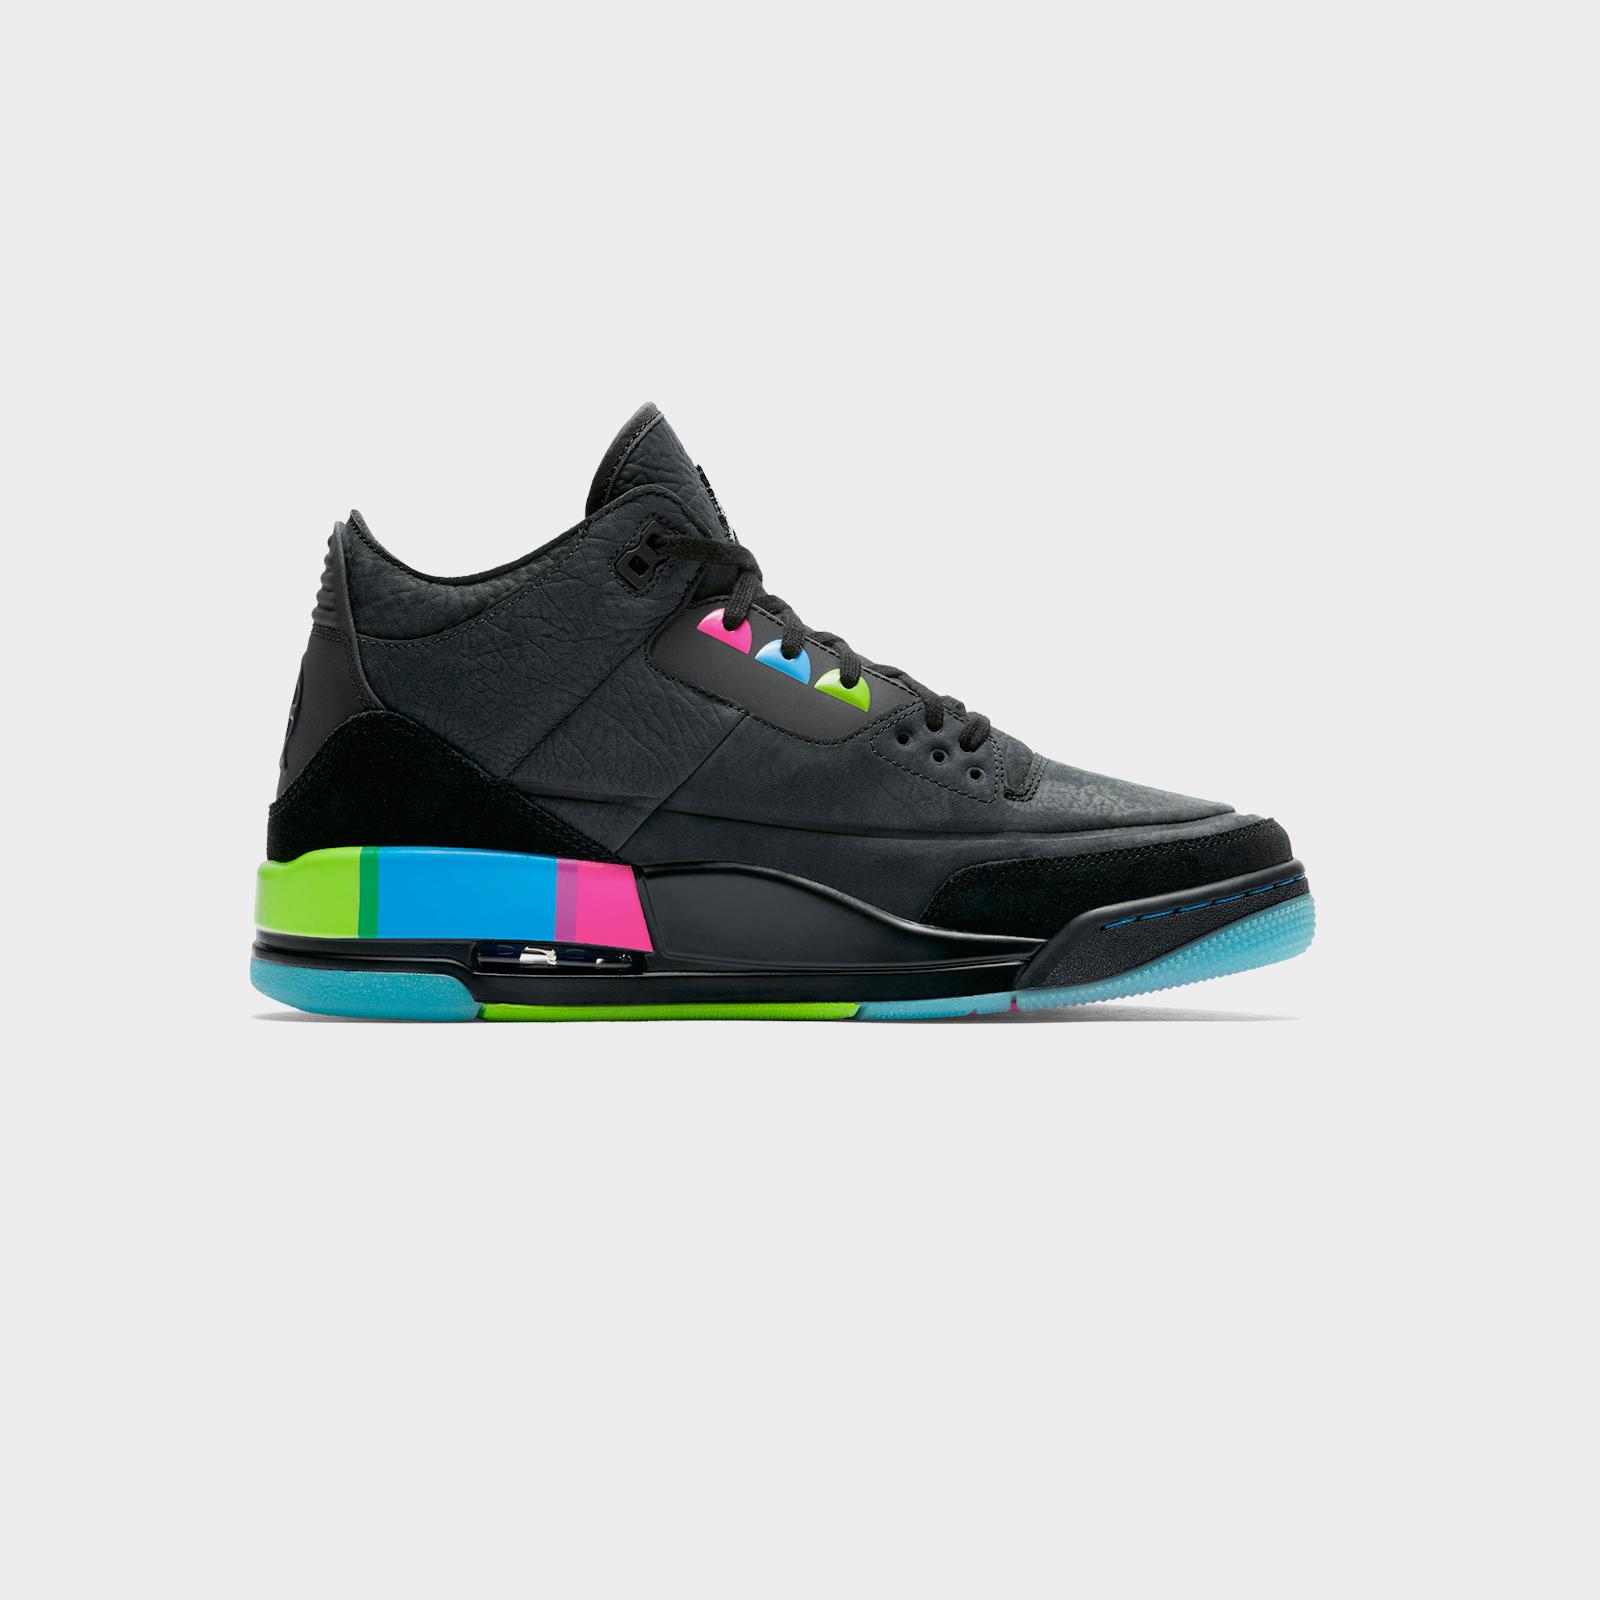 835067d322b Jordan Brand Air Jordan 3 Retro Se Q54 - At9195-001 - Sneakersnstuff ...